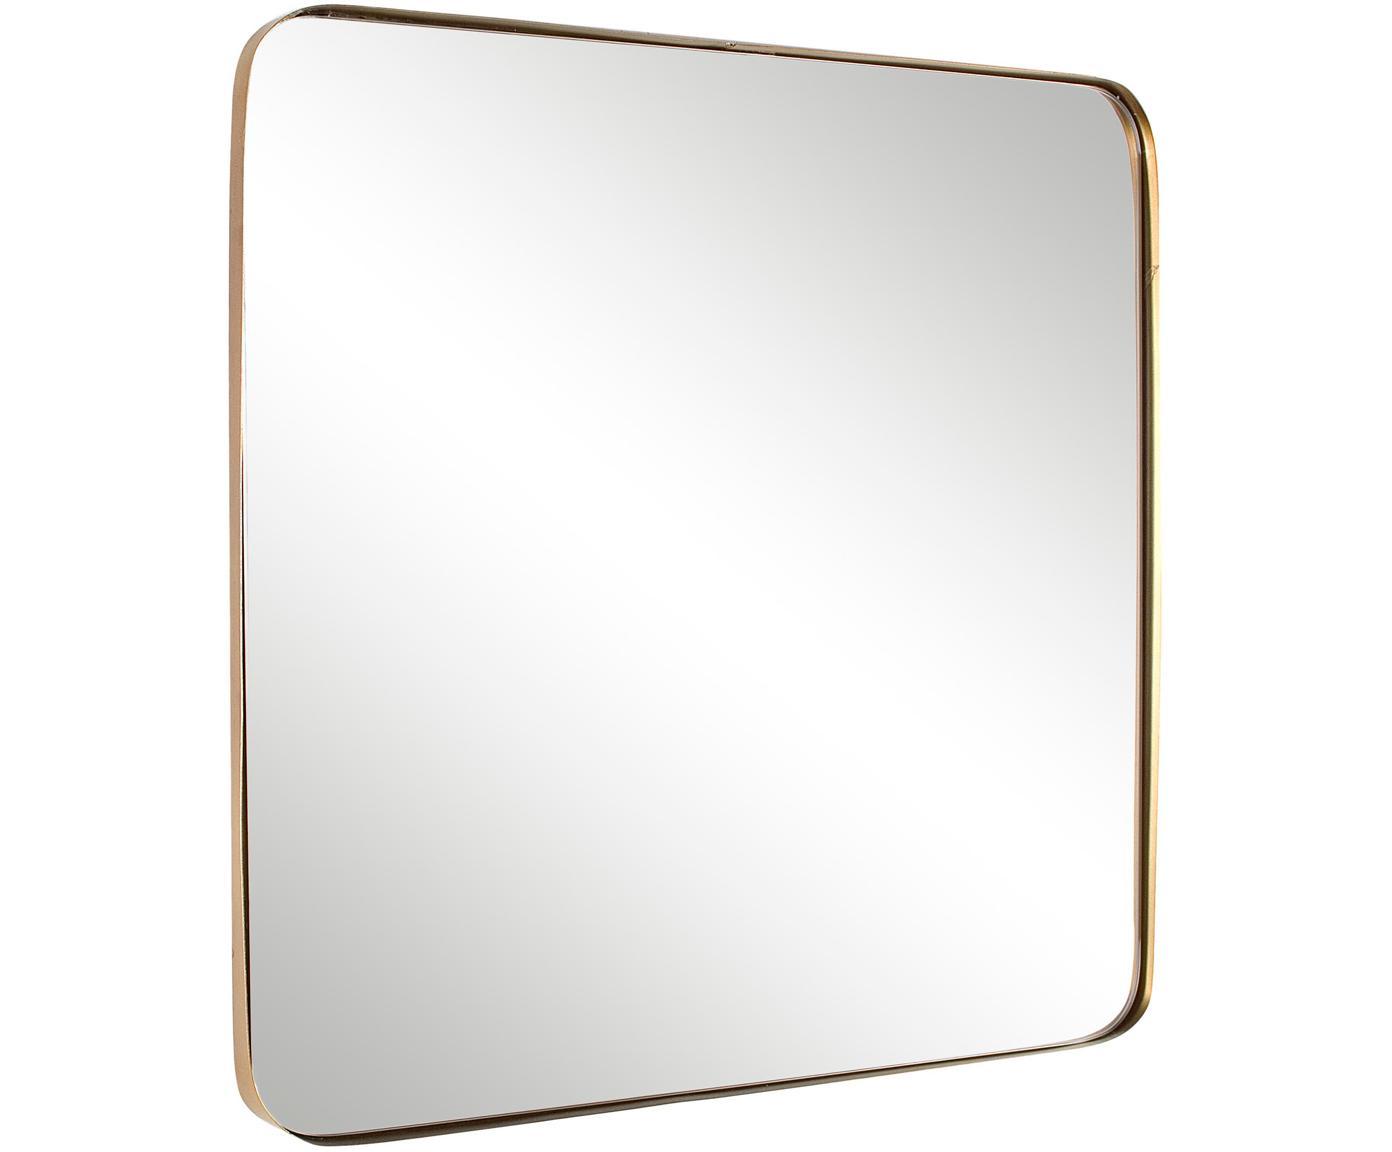 Wandspiegel Adhira, Lijst: gecoat metaal, Messingkleurig, 60 x 60 cm